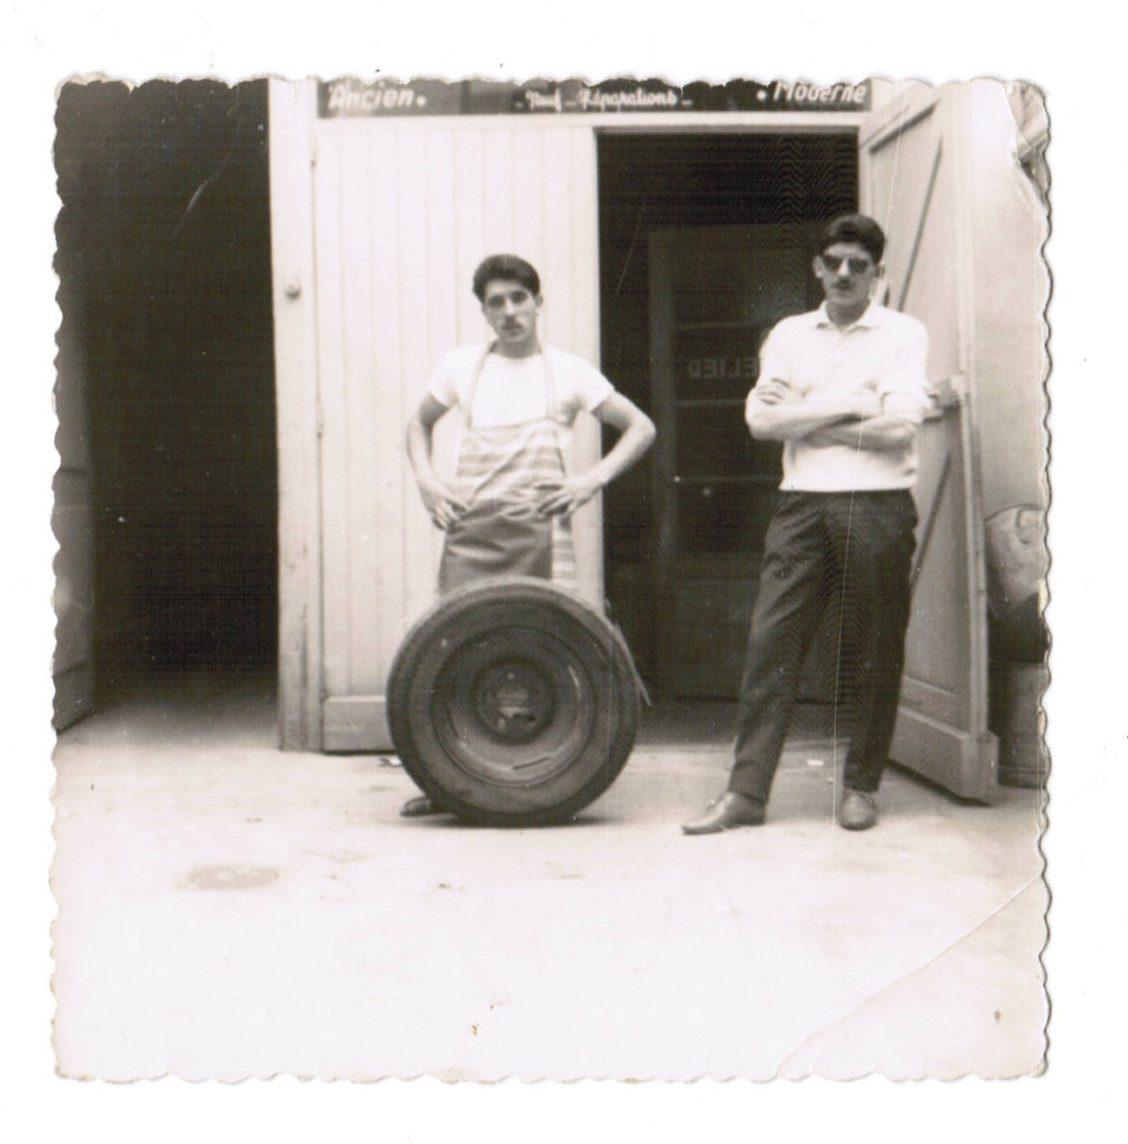 infinessance-deco-grenoble-photo-noir-et-blanc-1956-jeannot-angelo